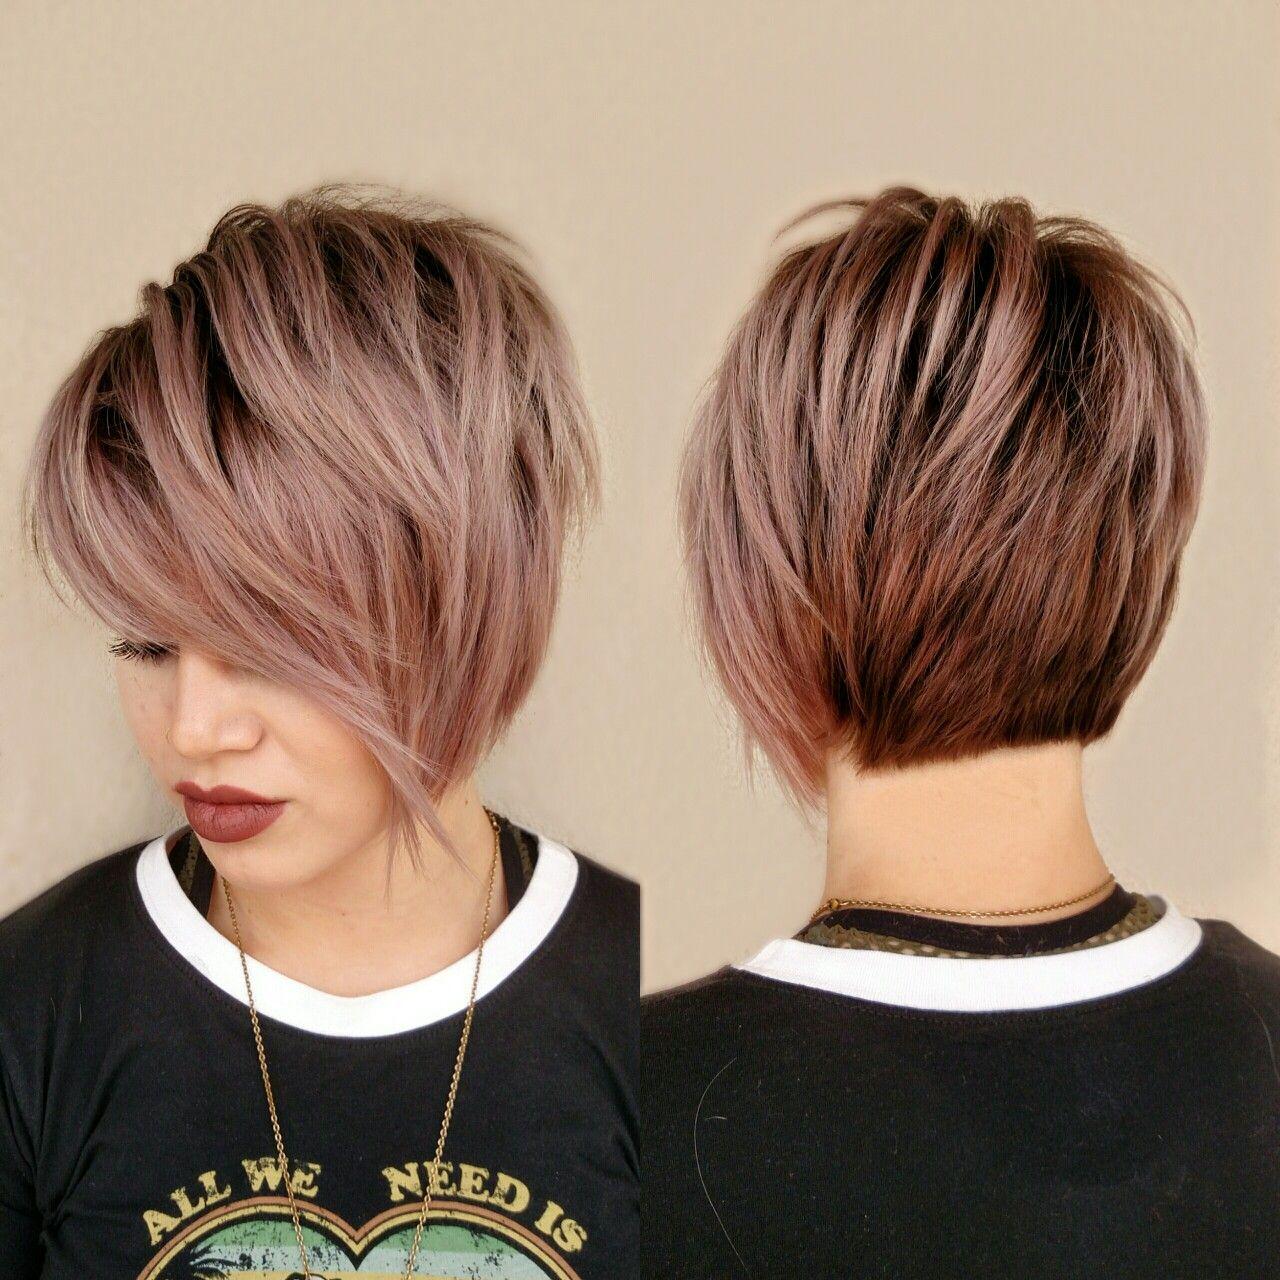 Rose gold short hair hair styles pinterest gold shorts short